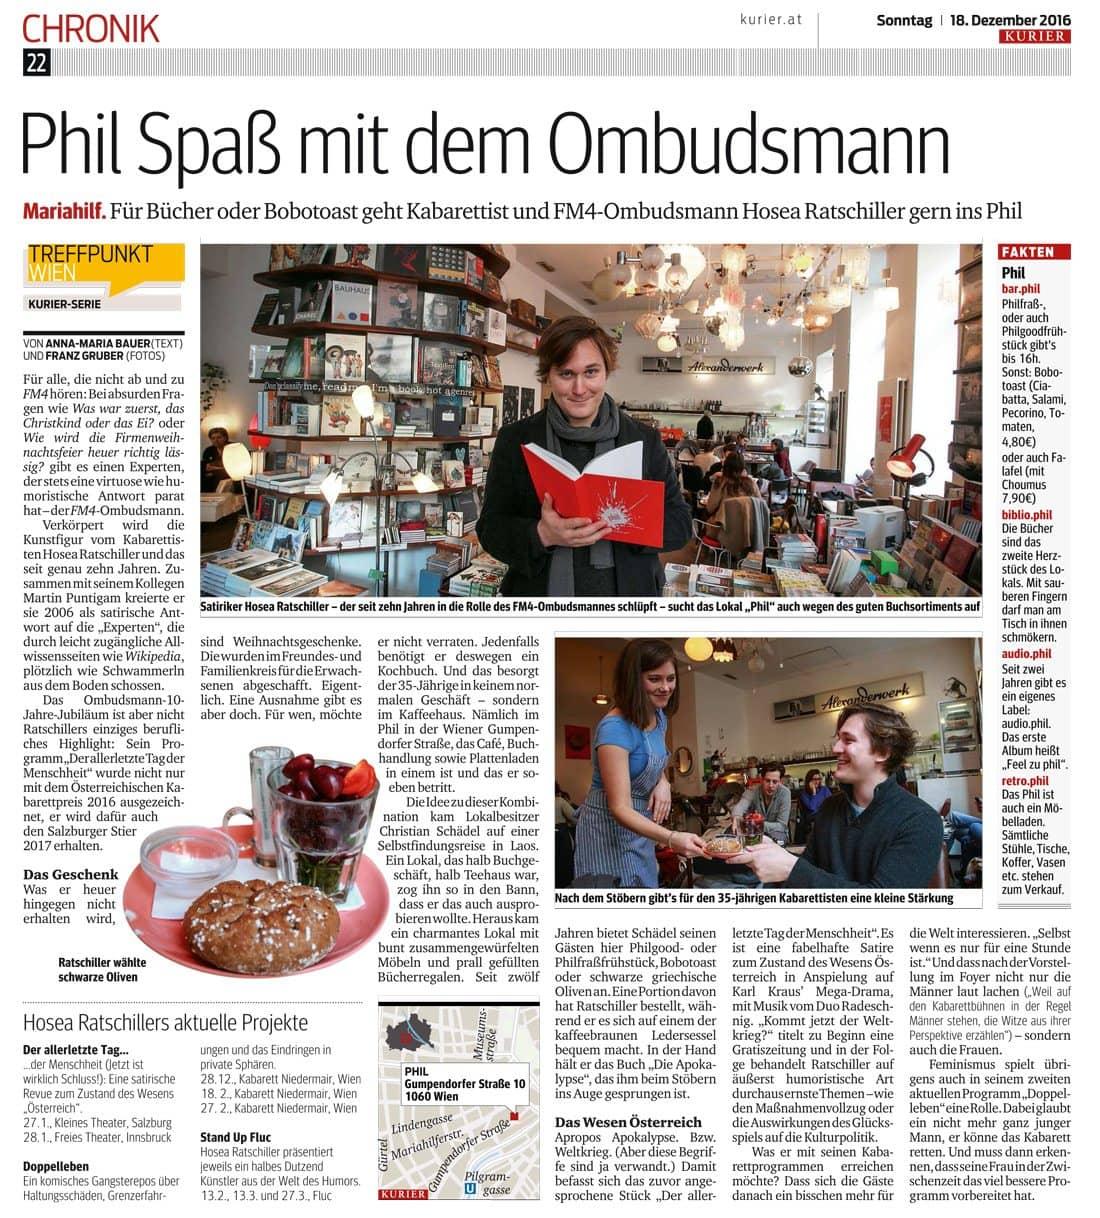 20161219 BER Kurier HoseaRatschillerallgemein - Phil Spaß mit dem Ombudsmann - Kurier vom 18.12.2016